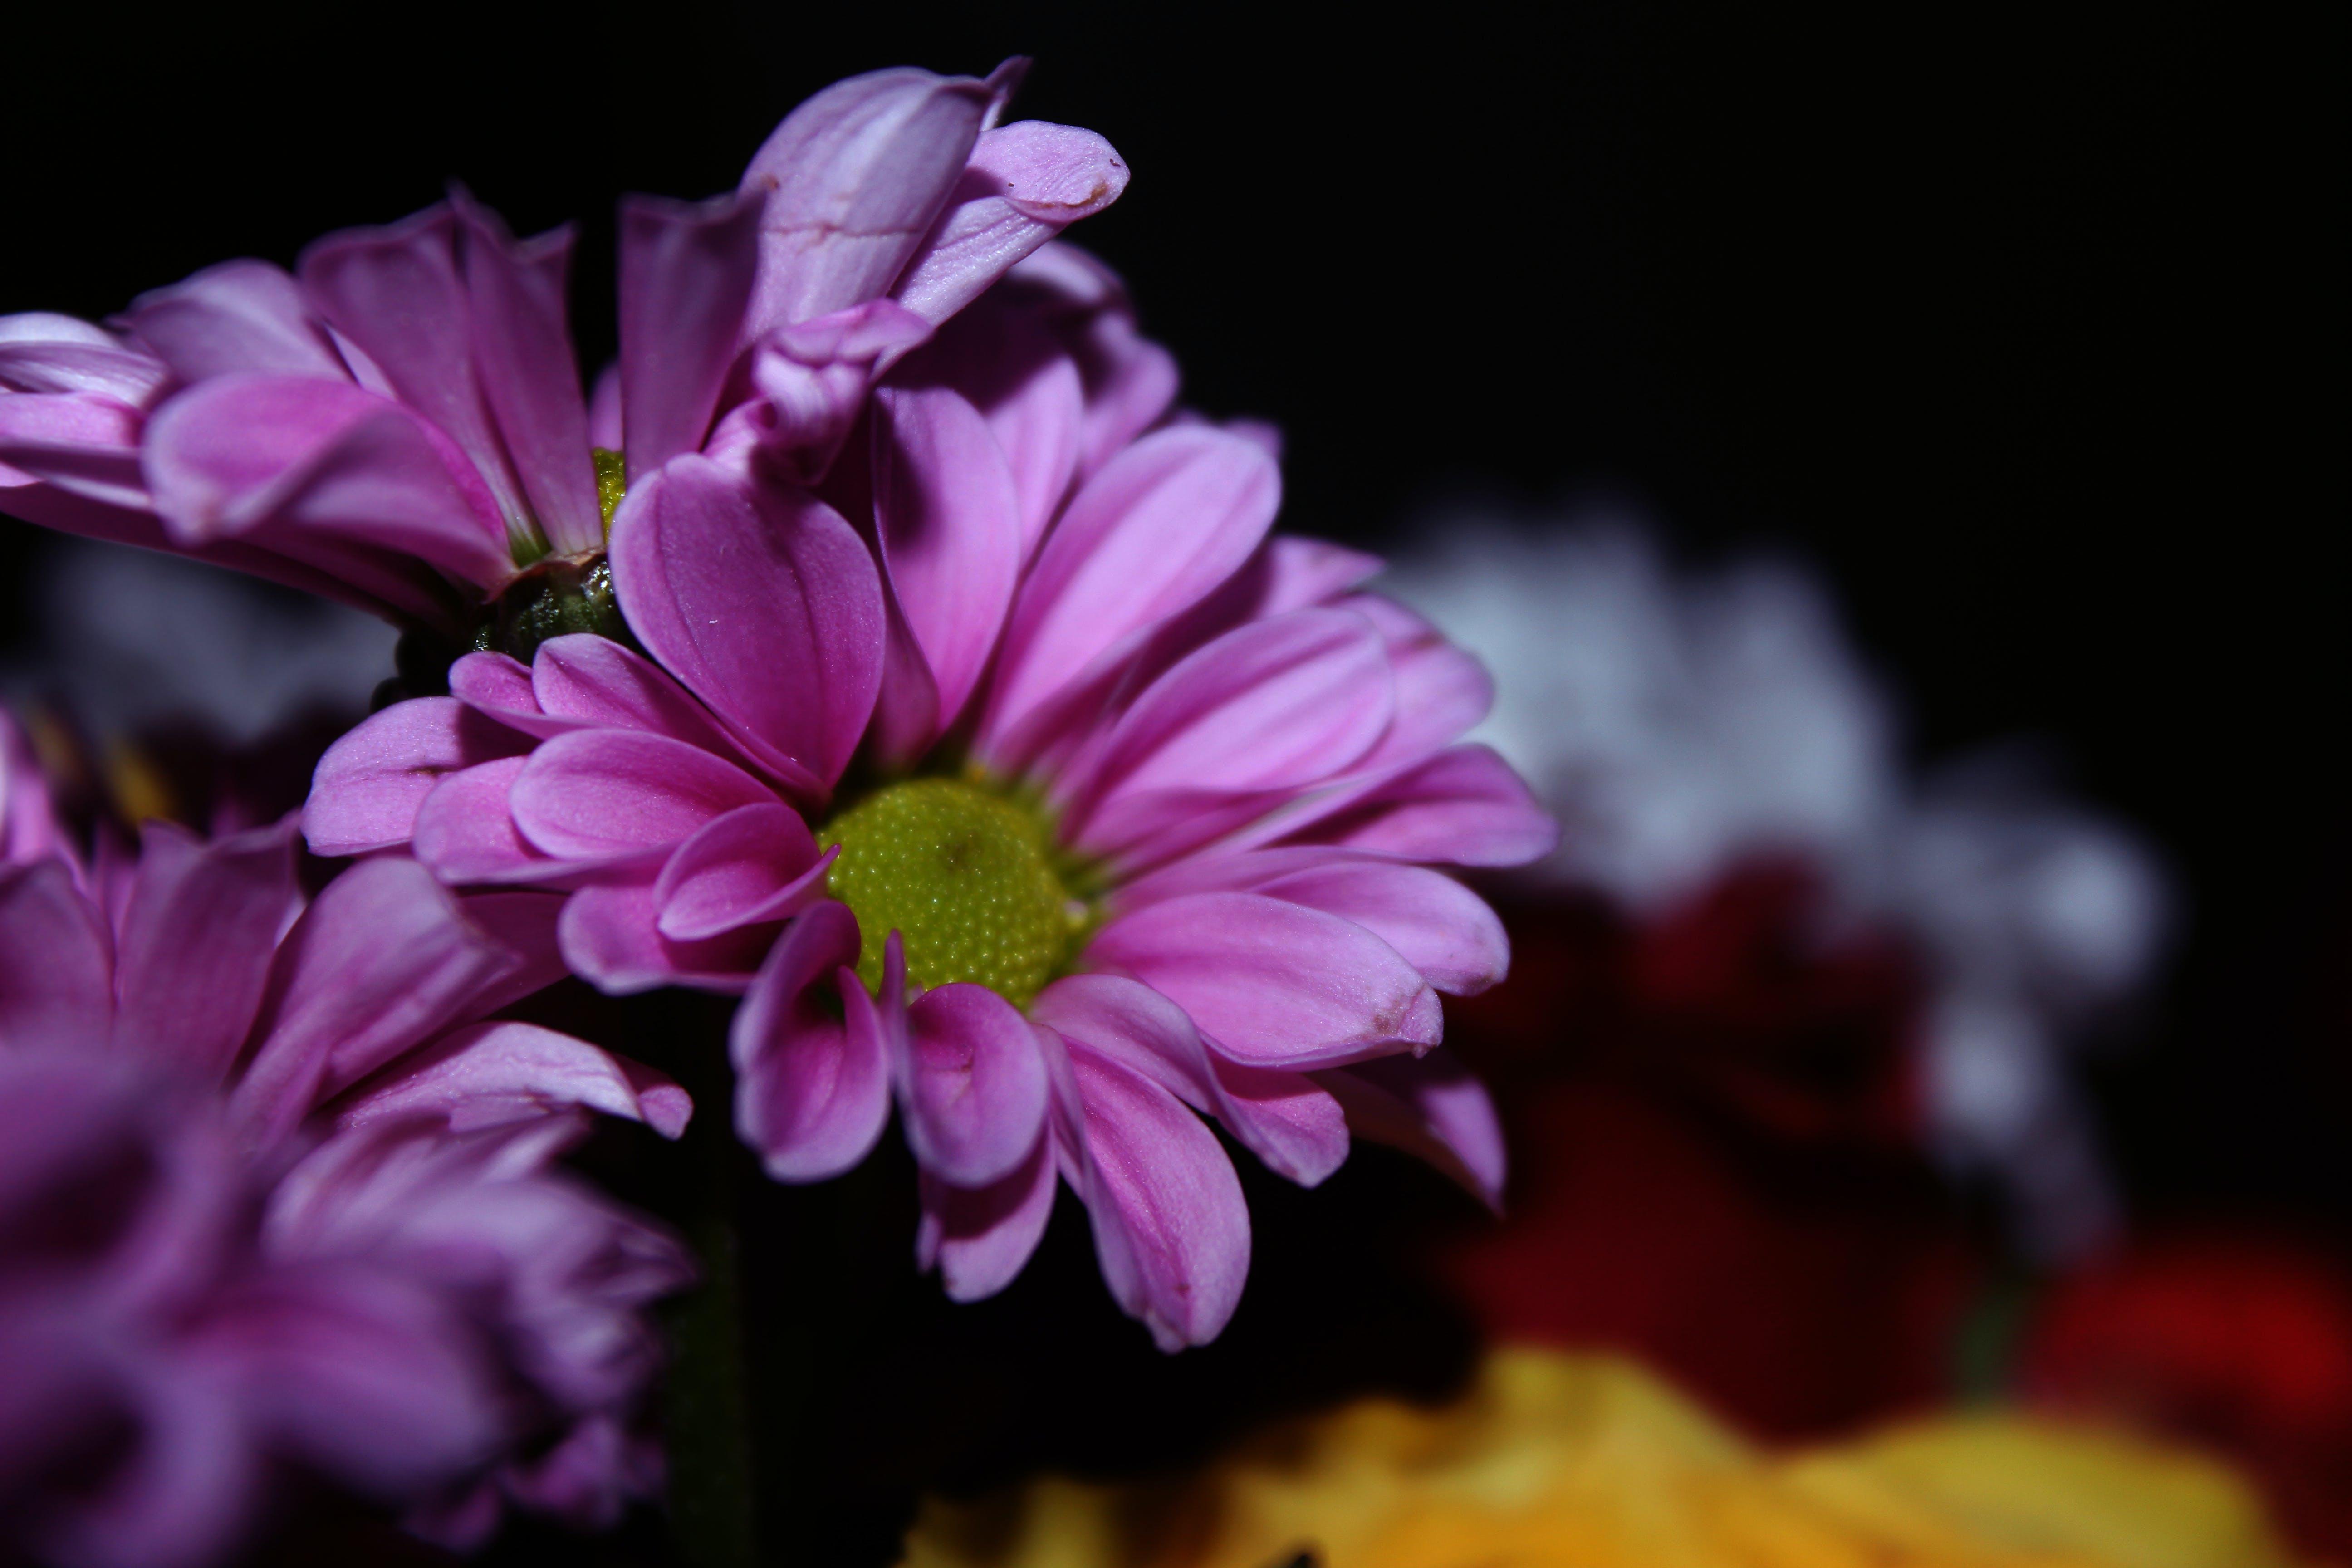 Gratis lagerfoto af blomster, blomstermotiv, farverig, flora